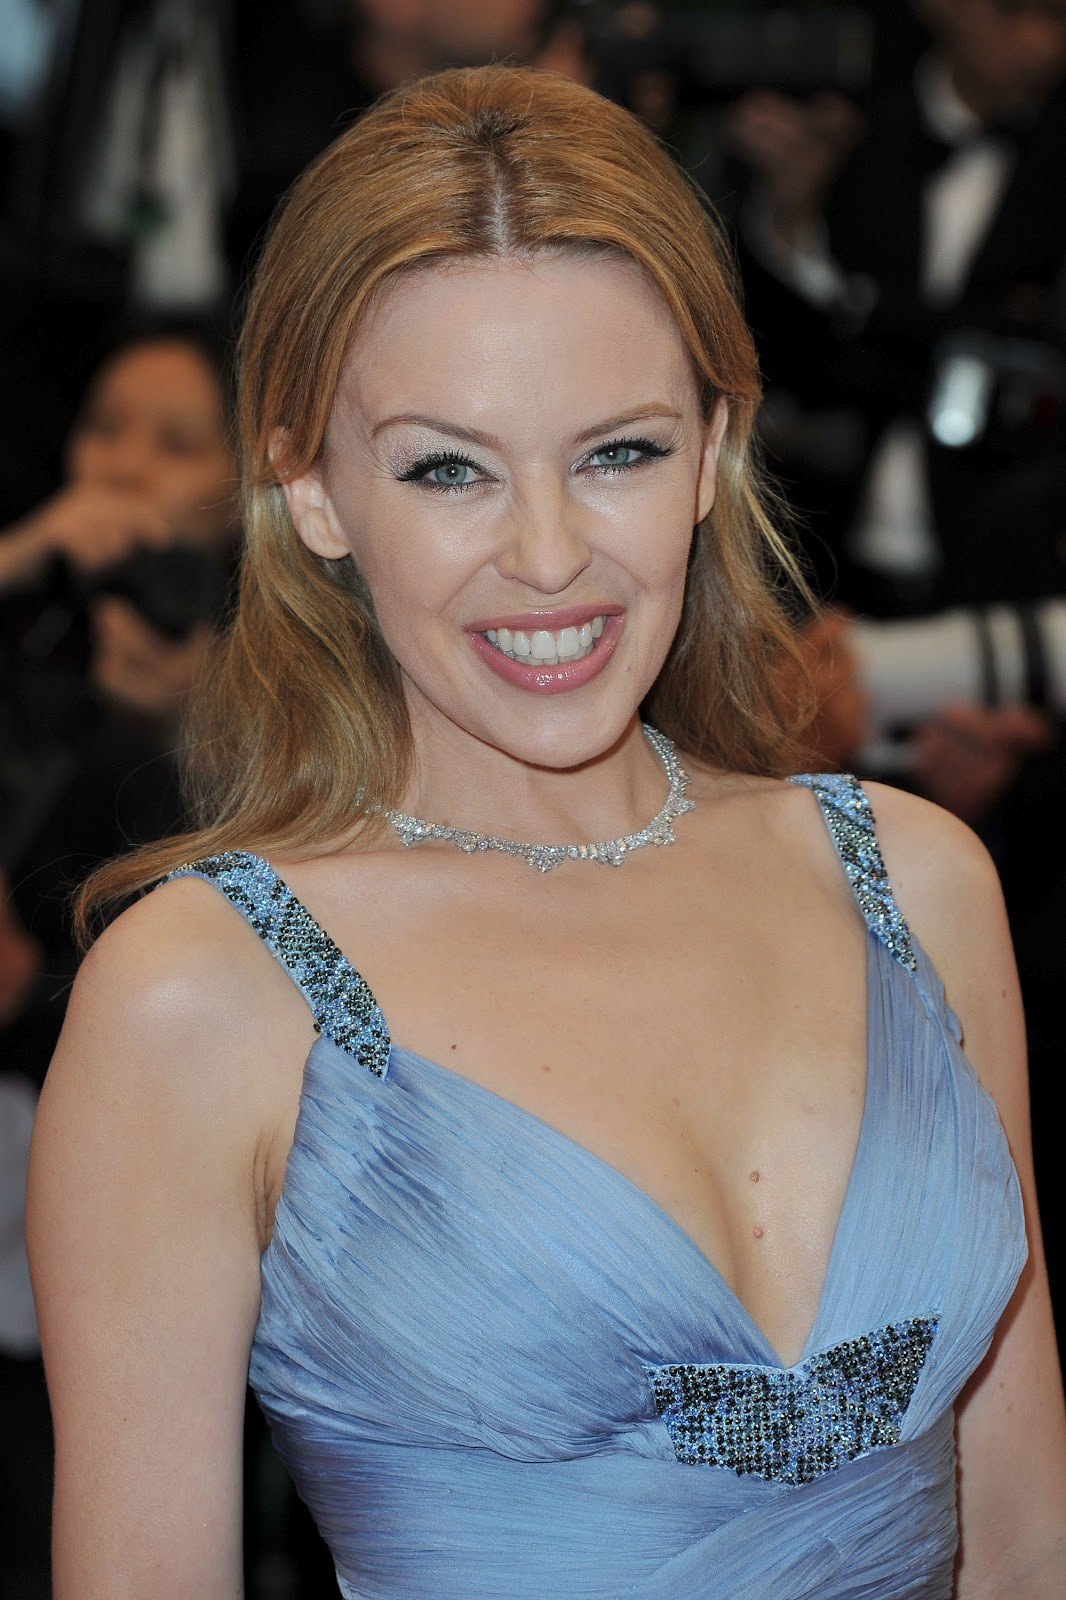 Kylie Minogue Looking Beaitiful And Hot At Closing